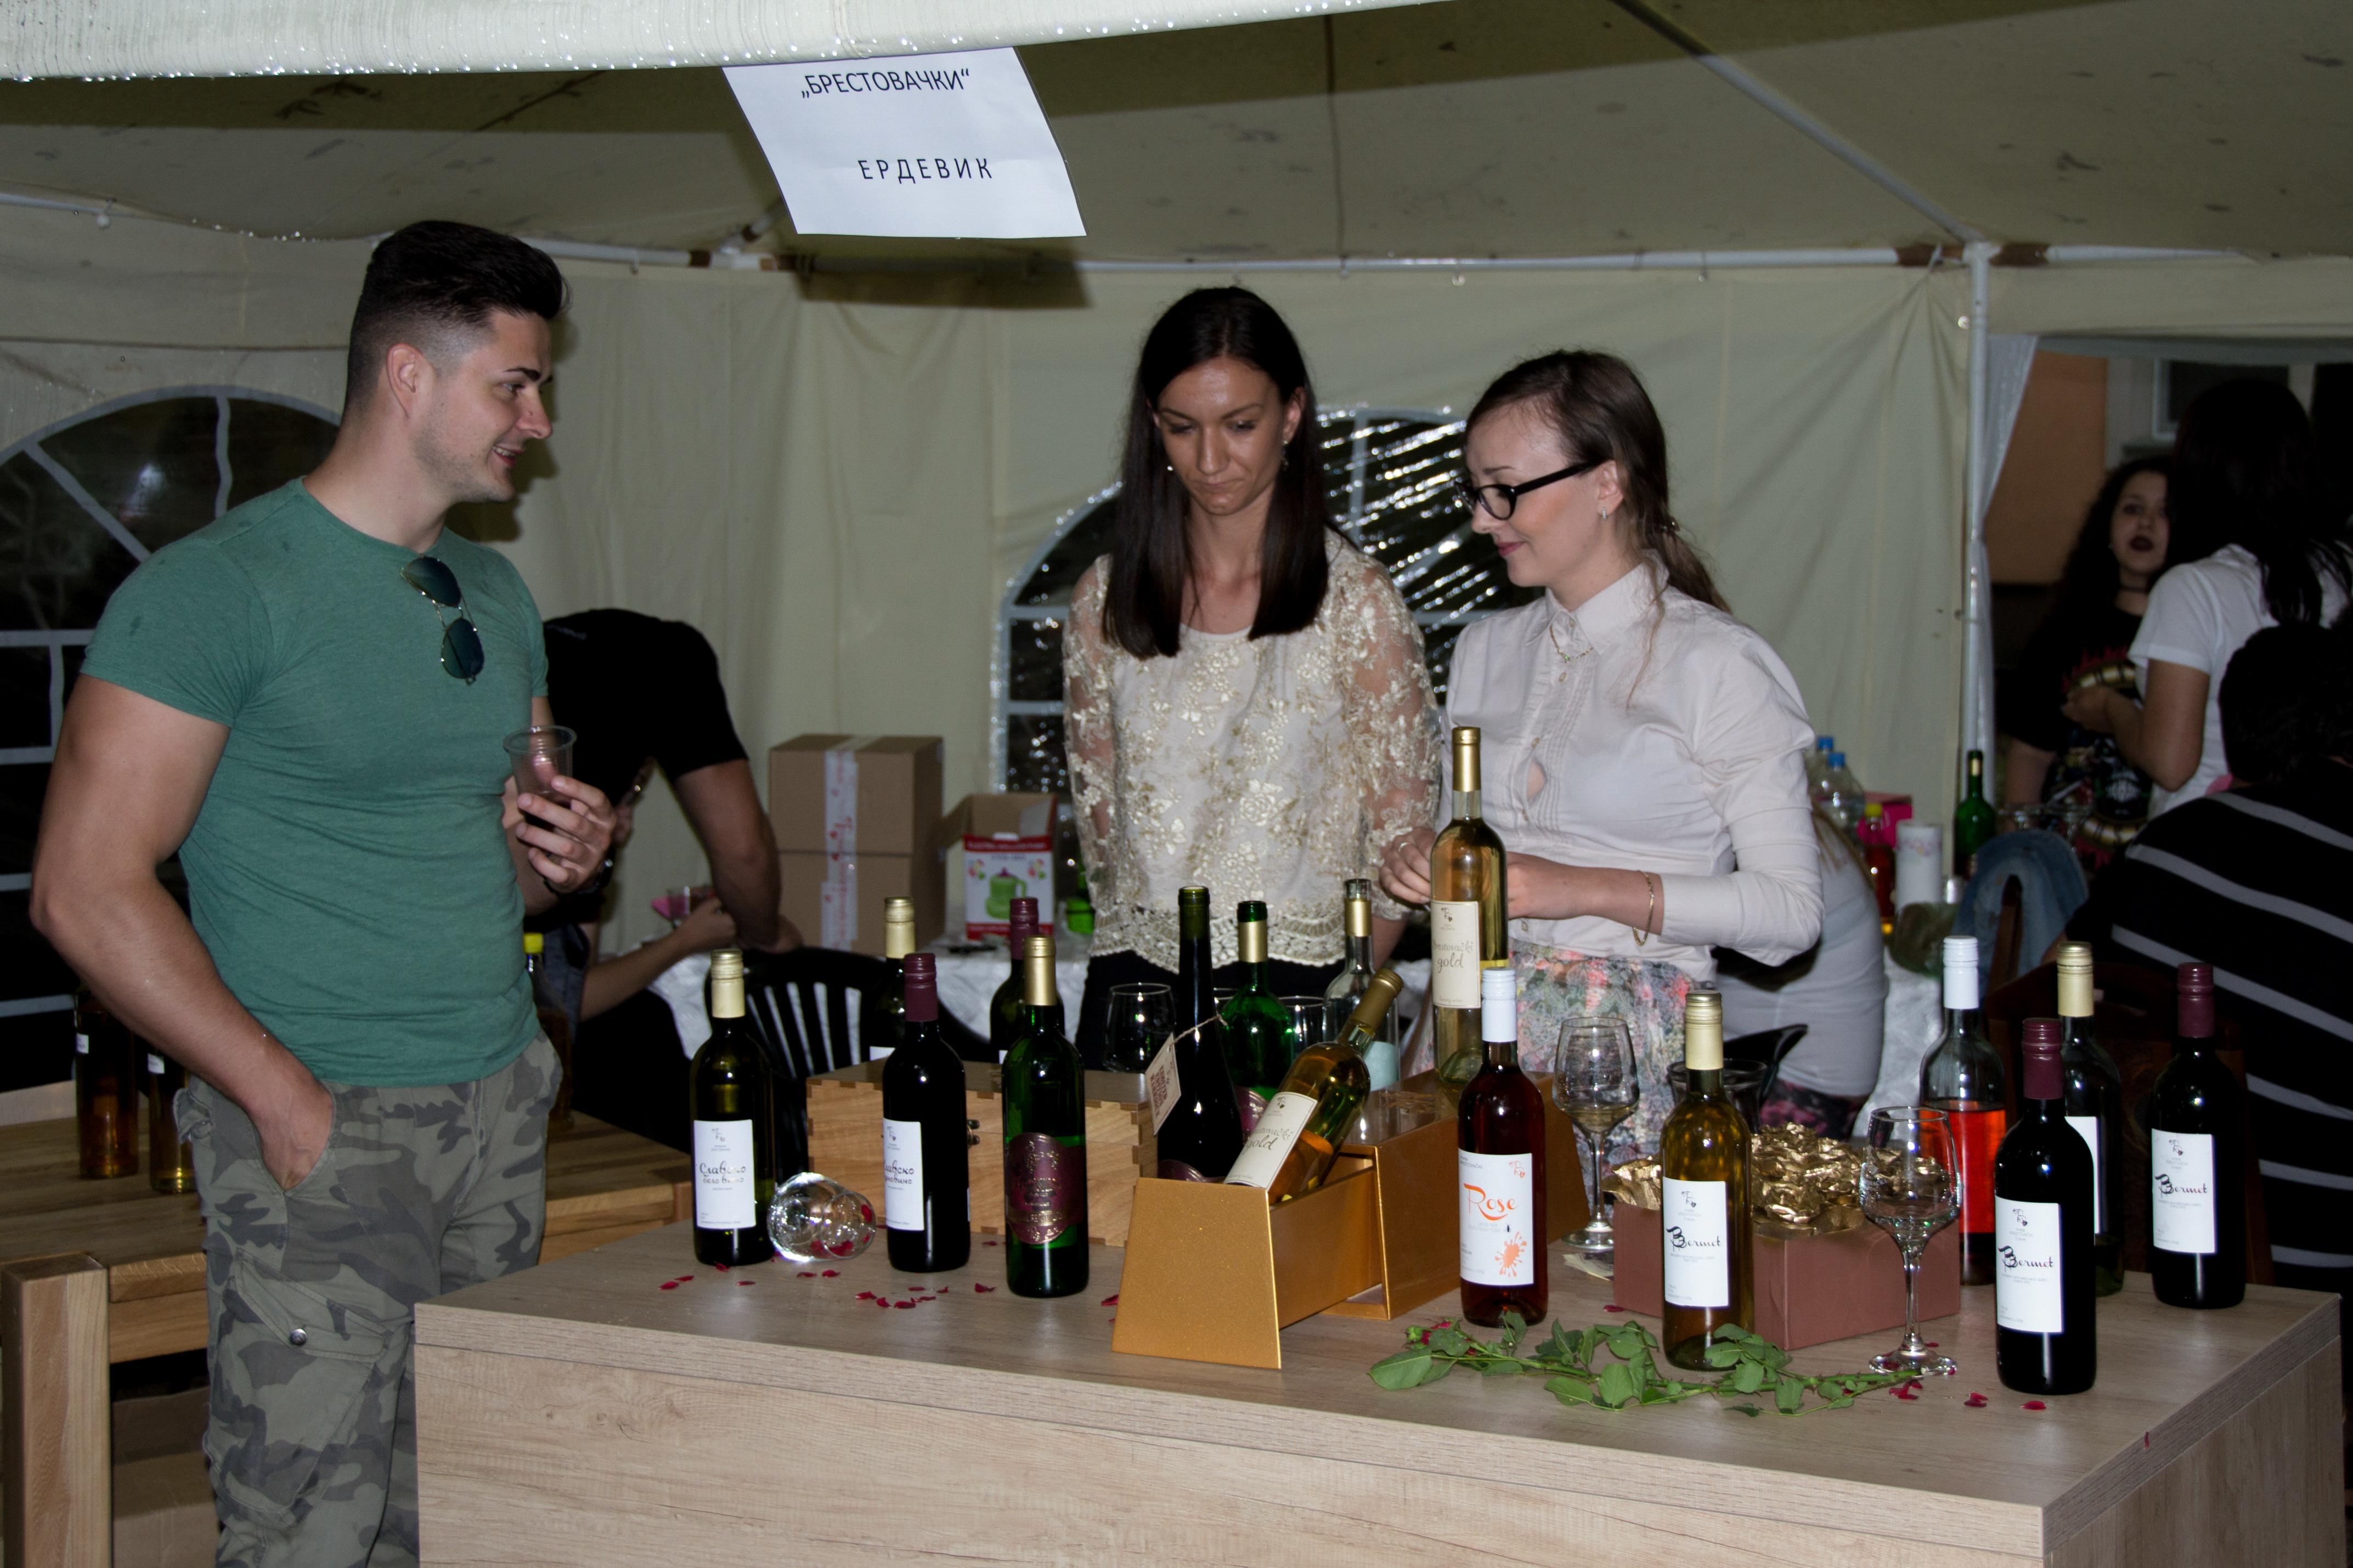 Degustagija vina na Kulenijadi u Erdeviku